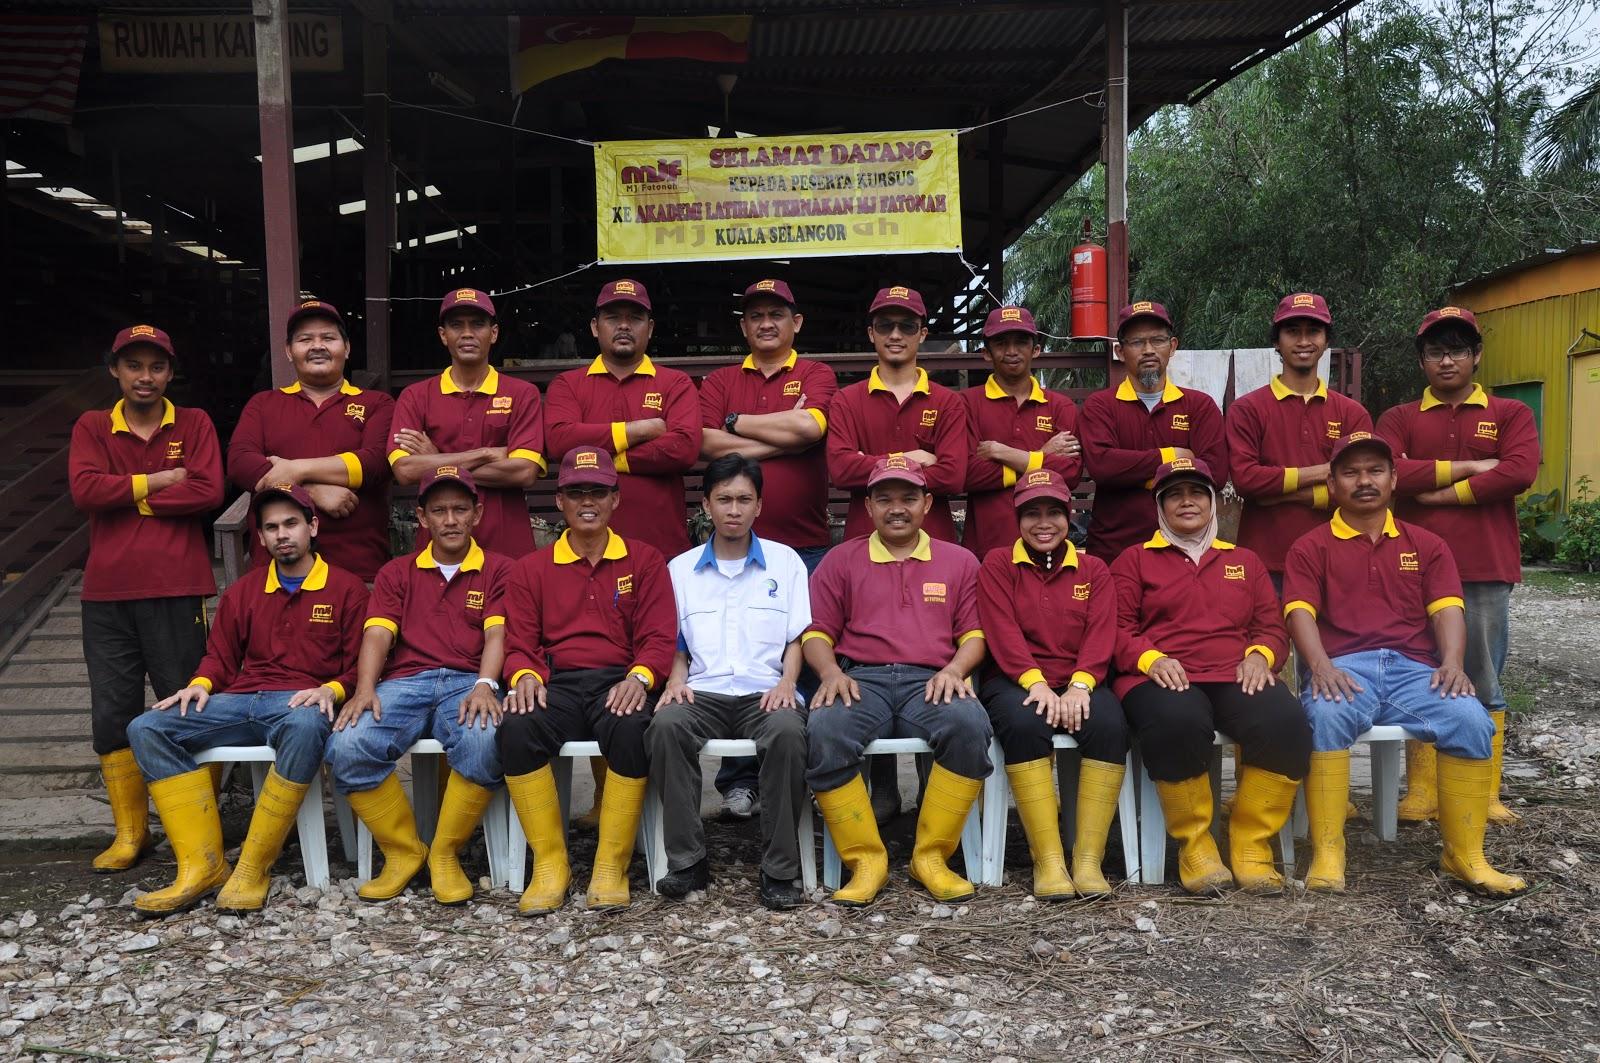 MJ FATONAH SDN BHD: Kursus Usahawan Ternakan Lembu & Kambing Anjuran ...